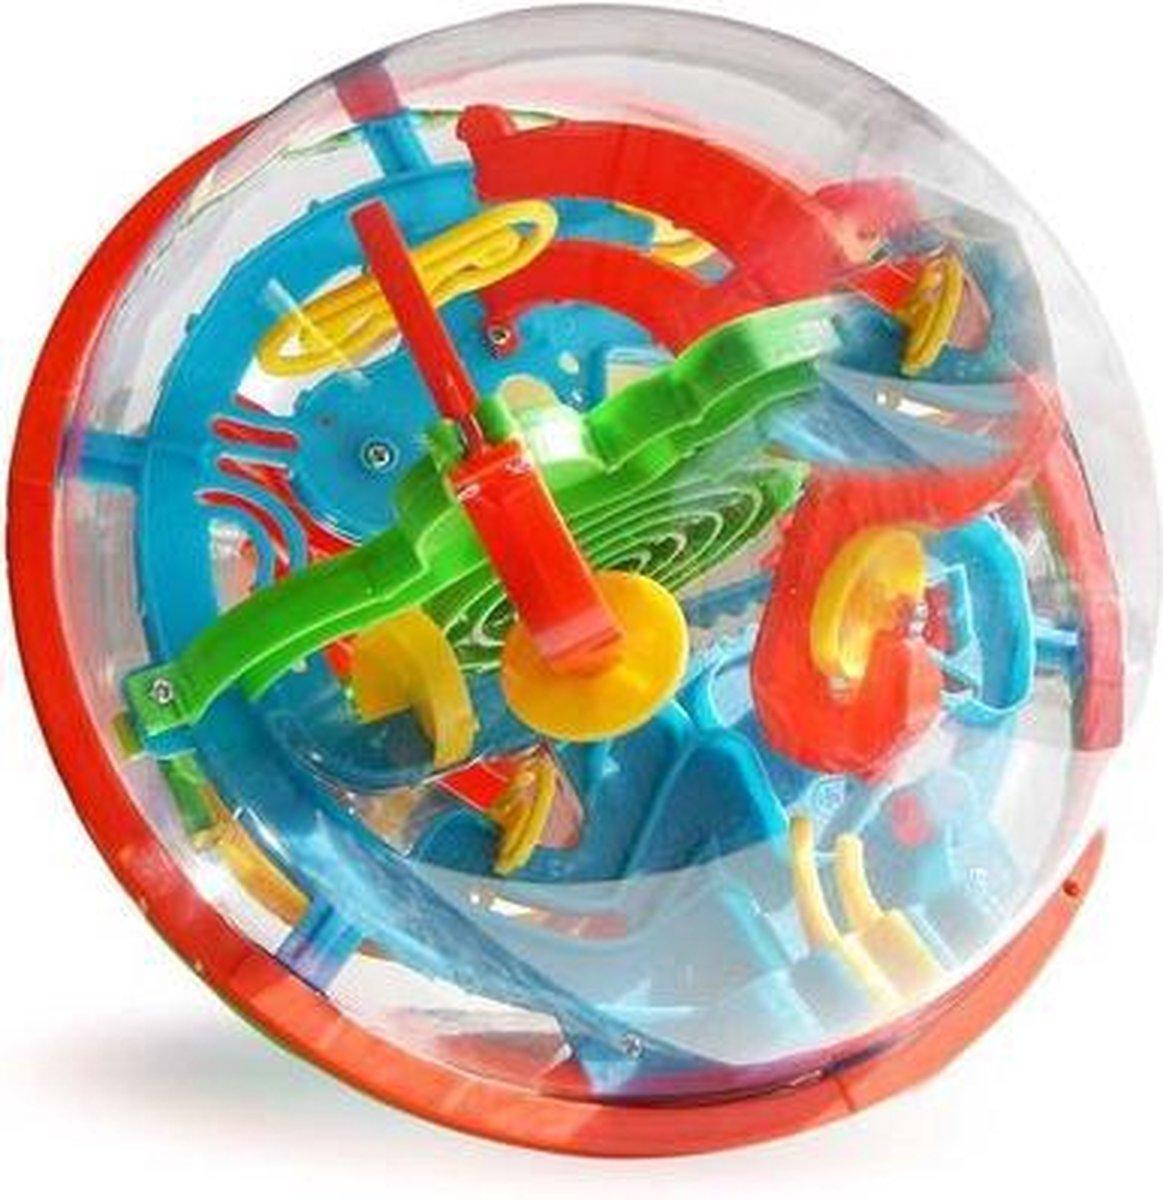 MikaMax Maze Ball XL - Speelgoedbal - Doolhof Speel Bal XL - Puzzelbal